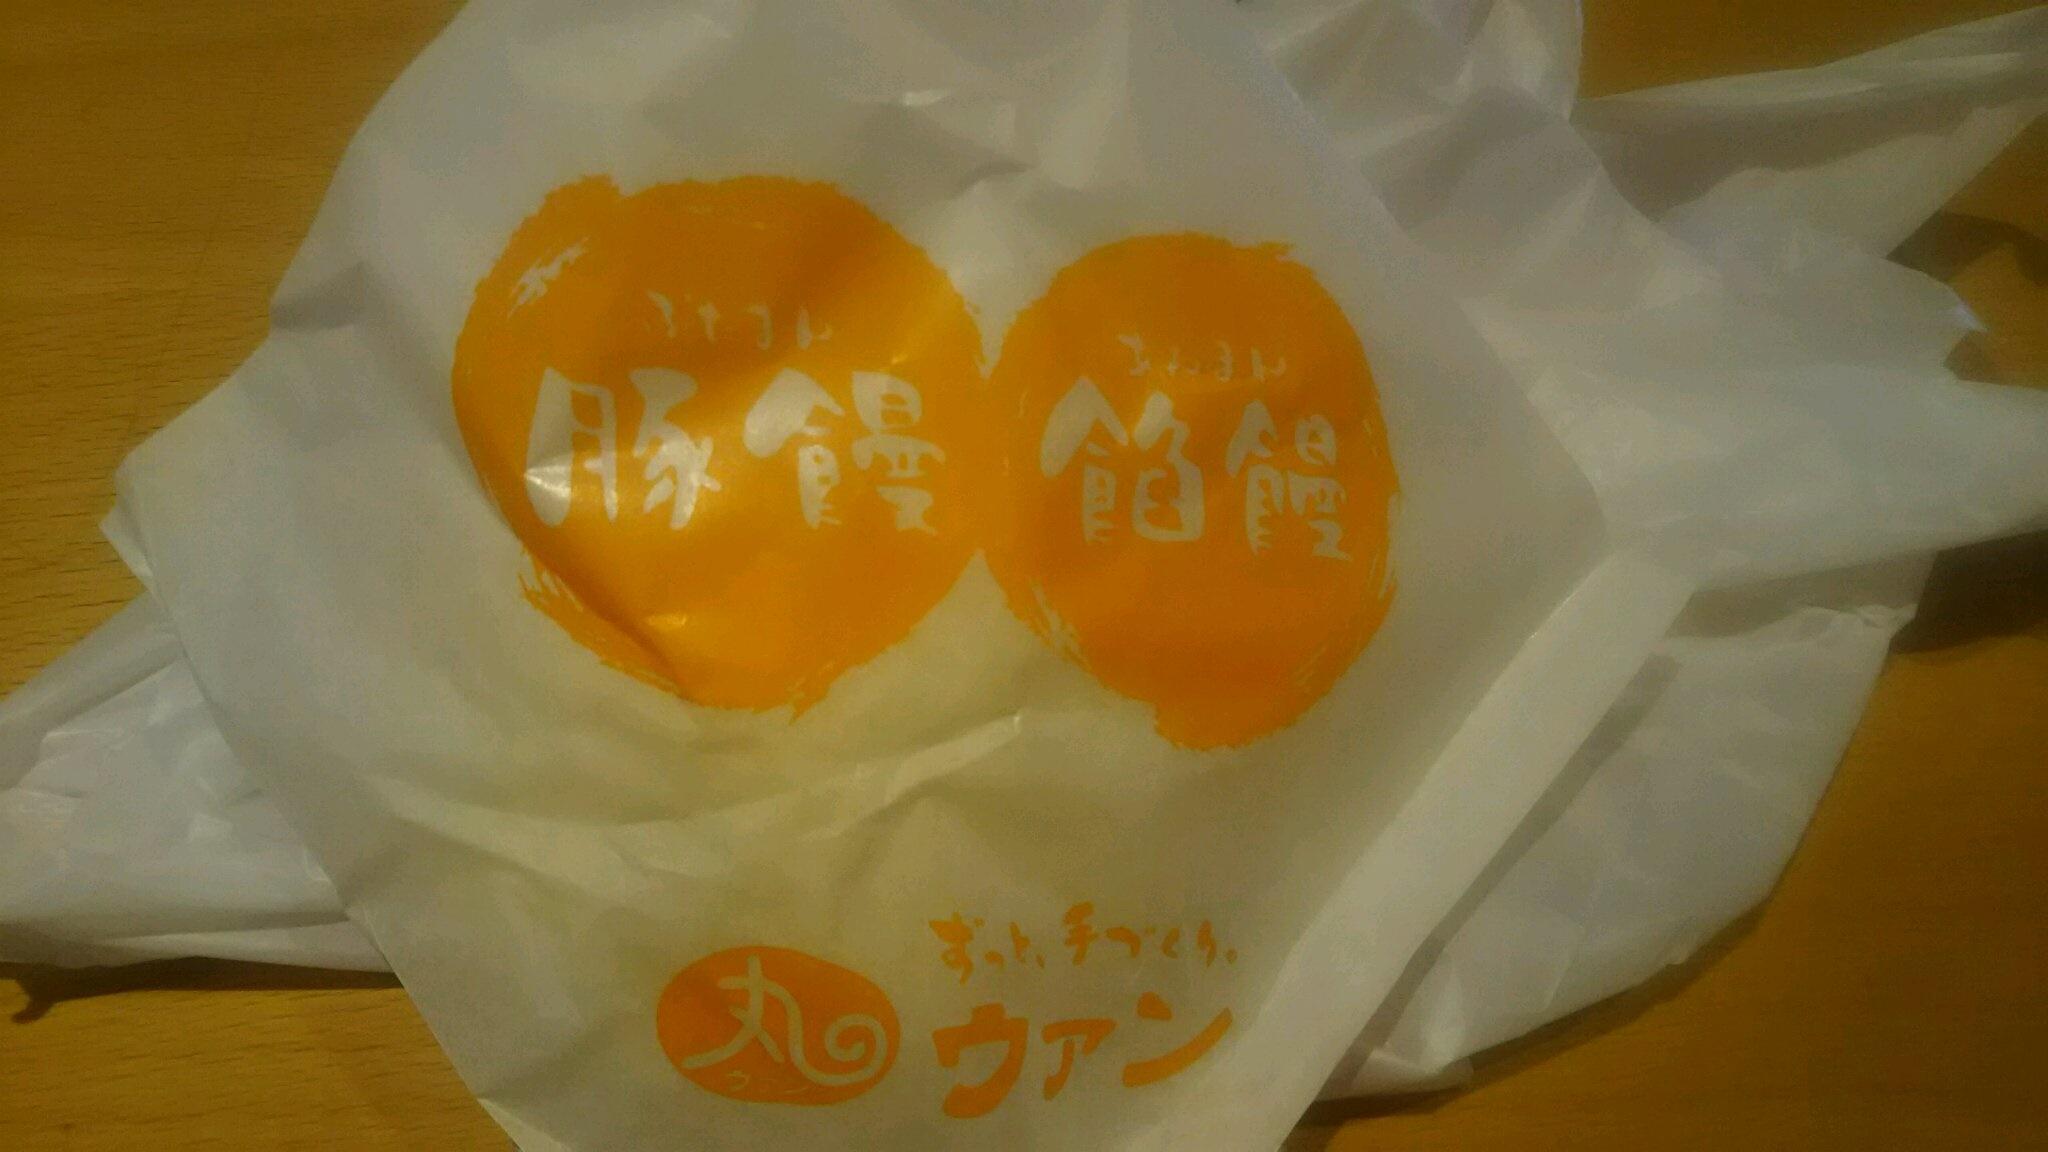 kariya_wan_3.jpg